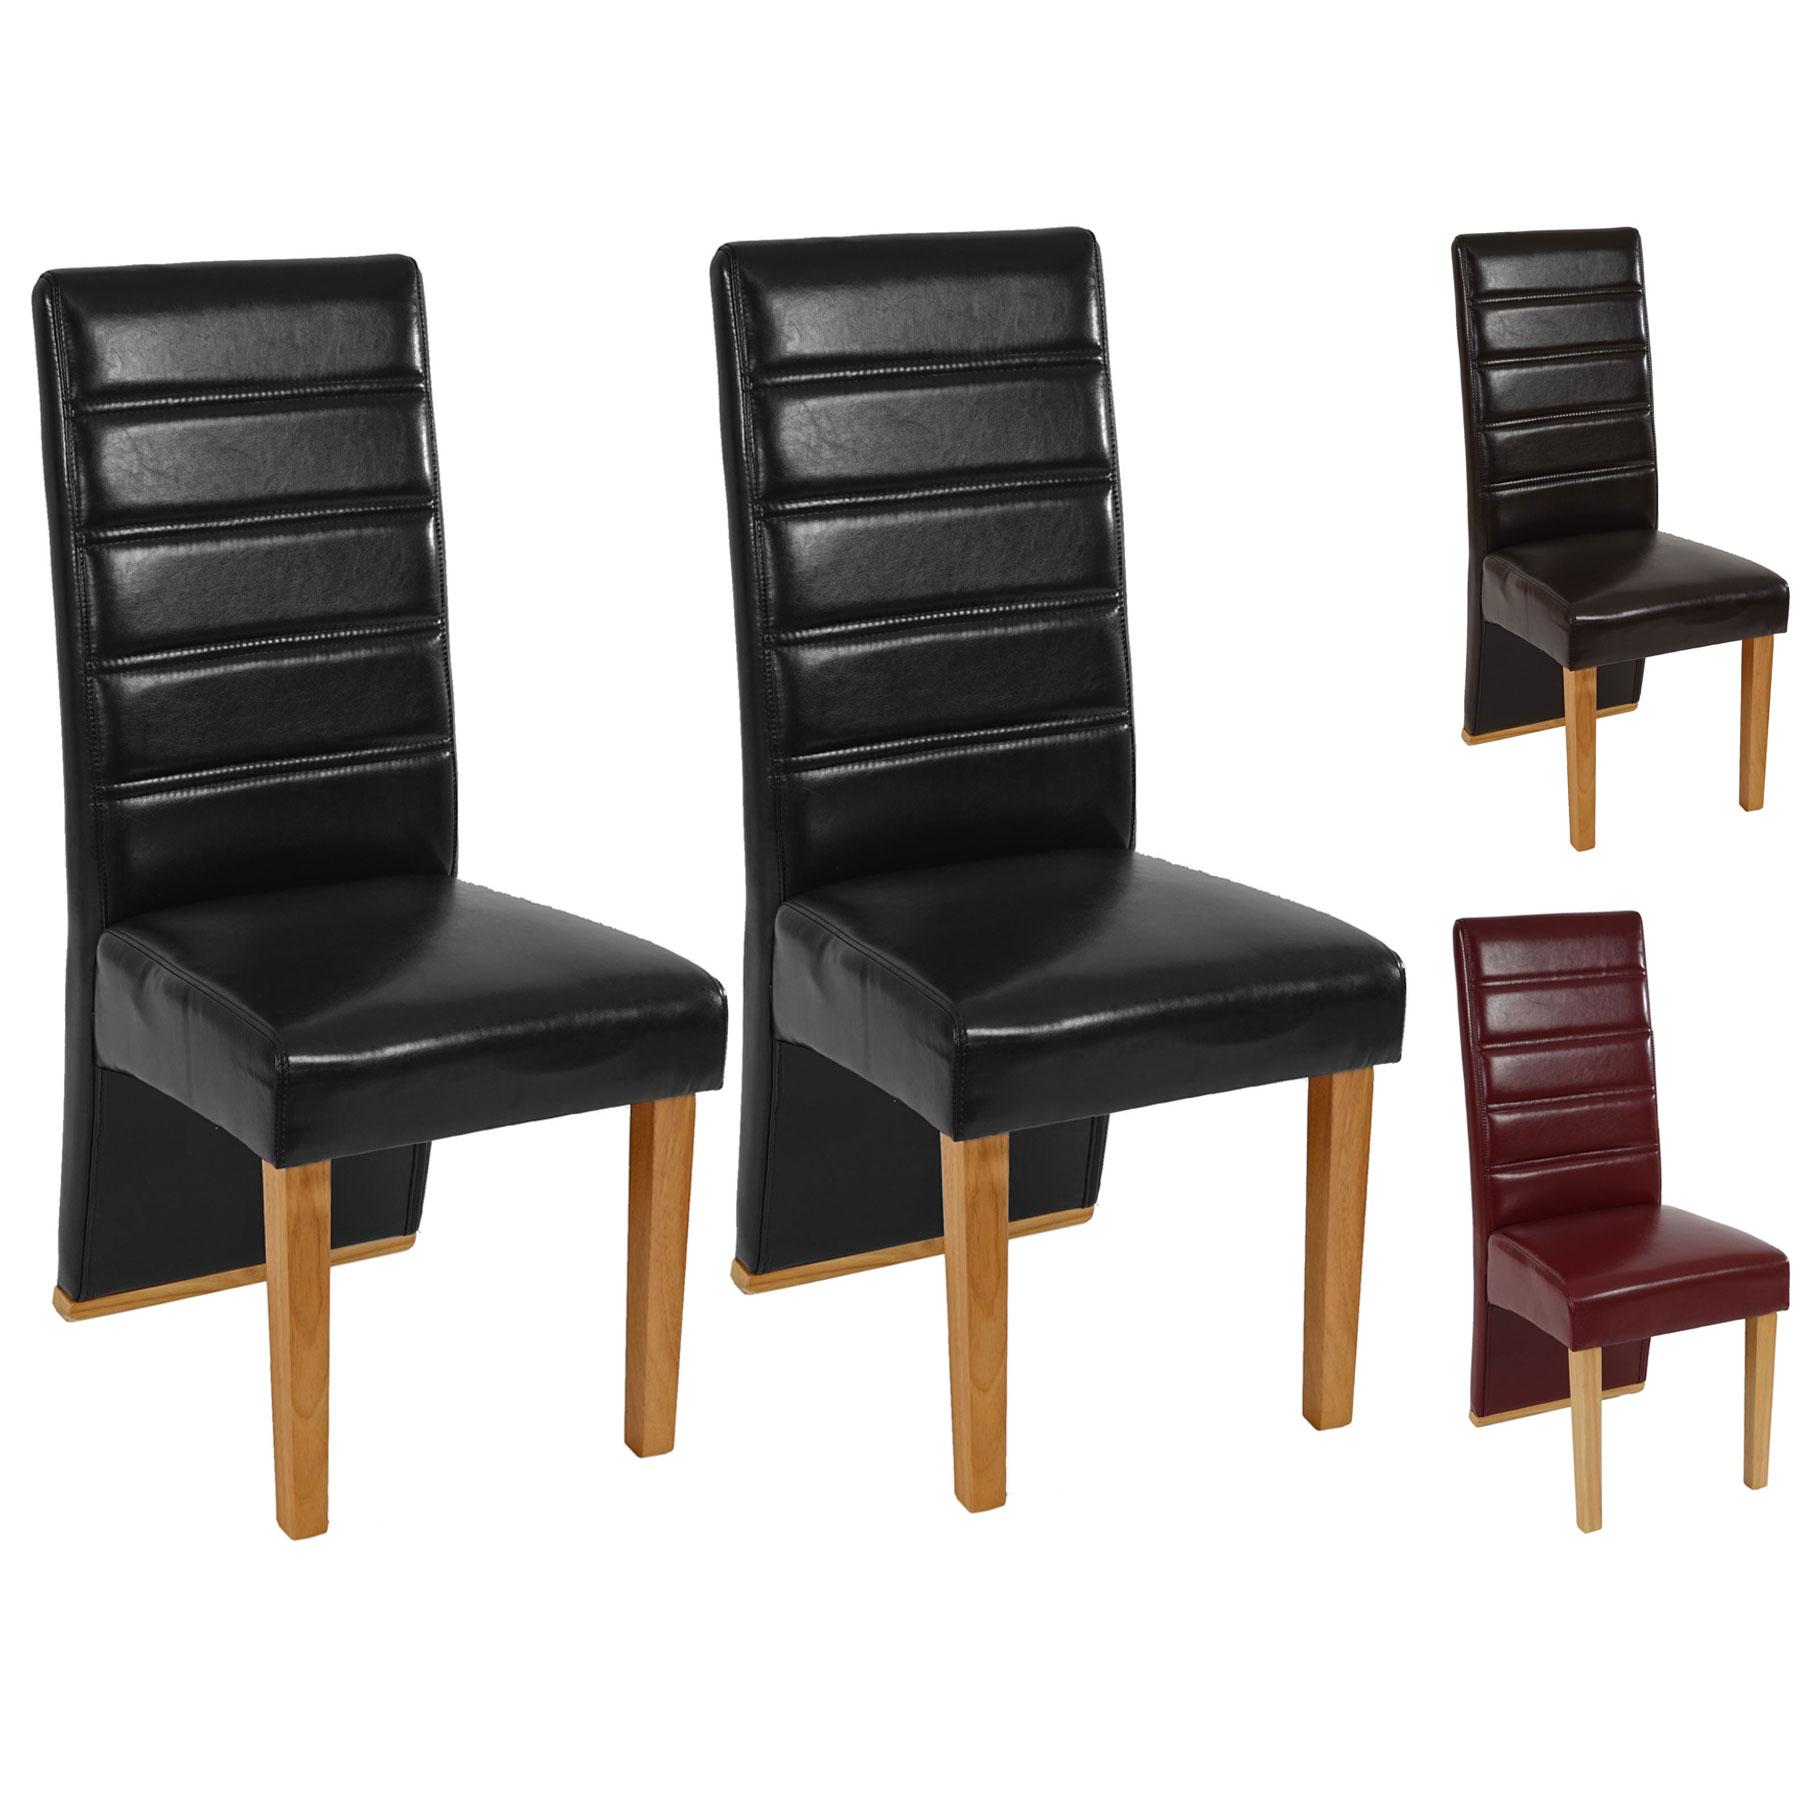 stuhl sitzh he 60 cm preisvergleiche erfahrungsberichte und kauf bei nextag. Black Bedroom Furniture Sets. Home Design Ideas